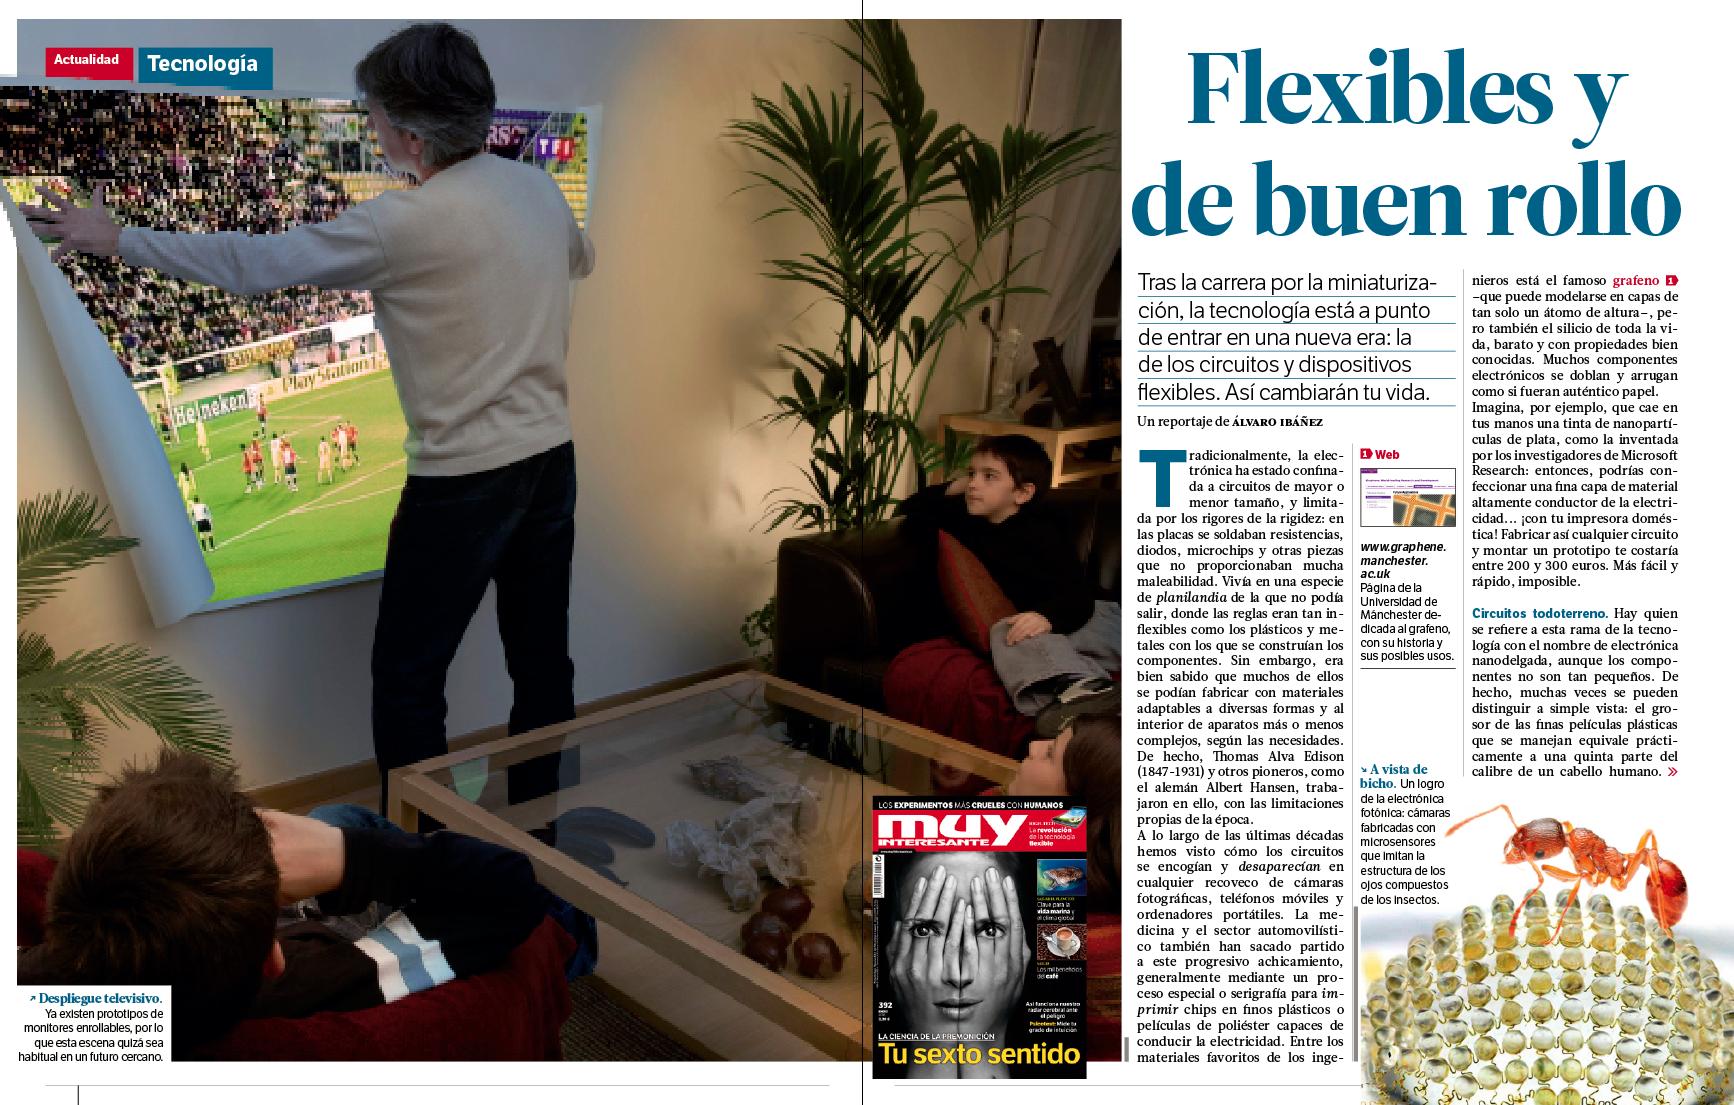 La revolución de la electrónica flexible (por @Alvy en la revista @muyinteresante de enero) http://t.co/oizNsw4zvX